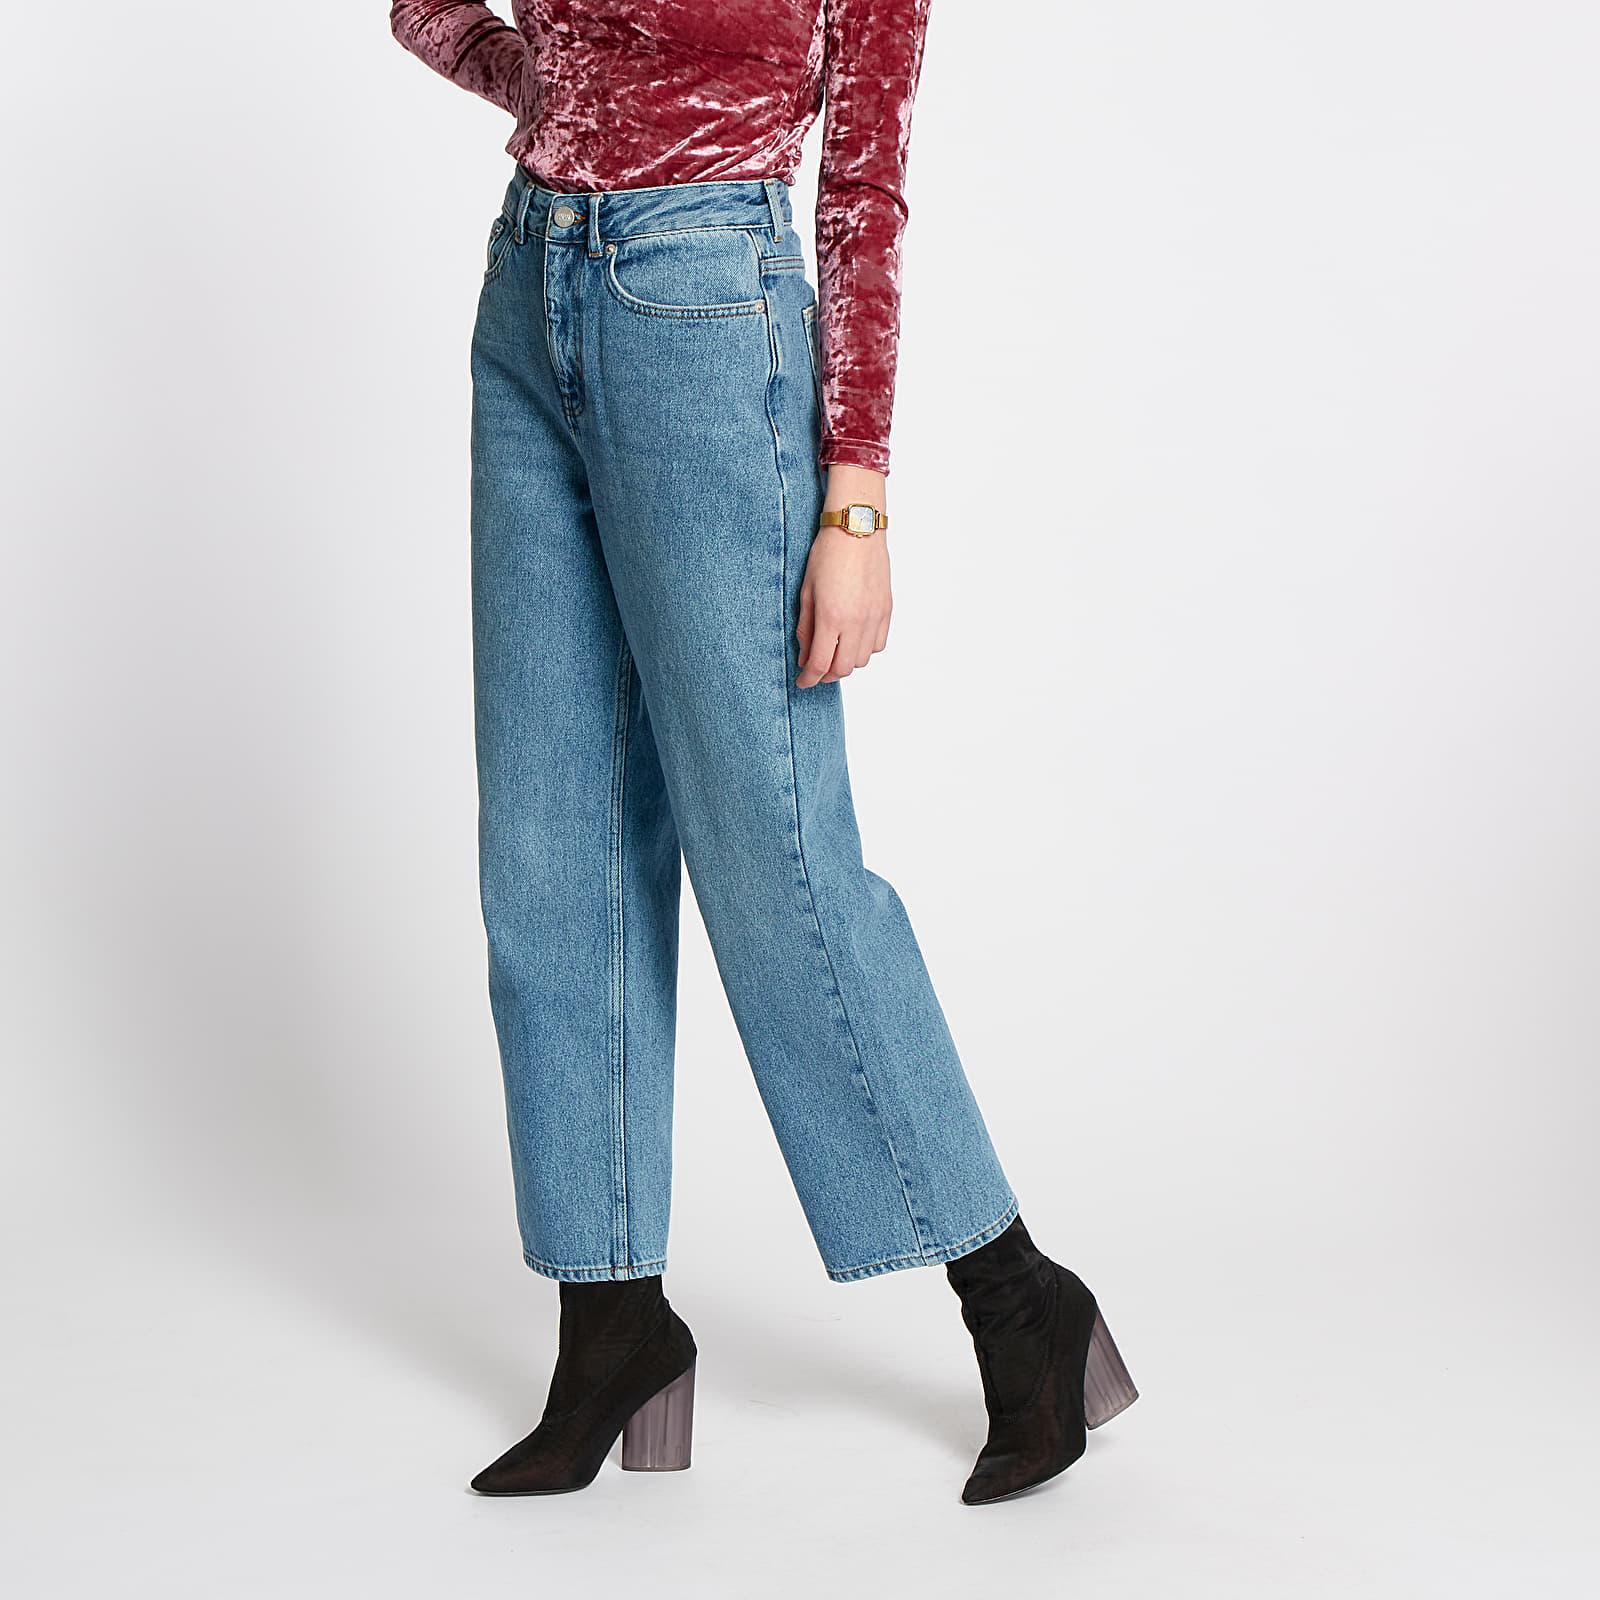 Pantalones Wood Wood Ilo Jeans Classic Vintage